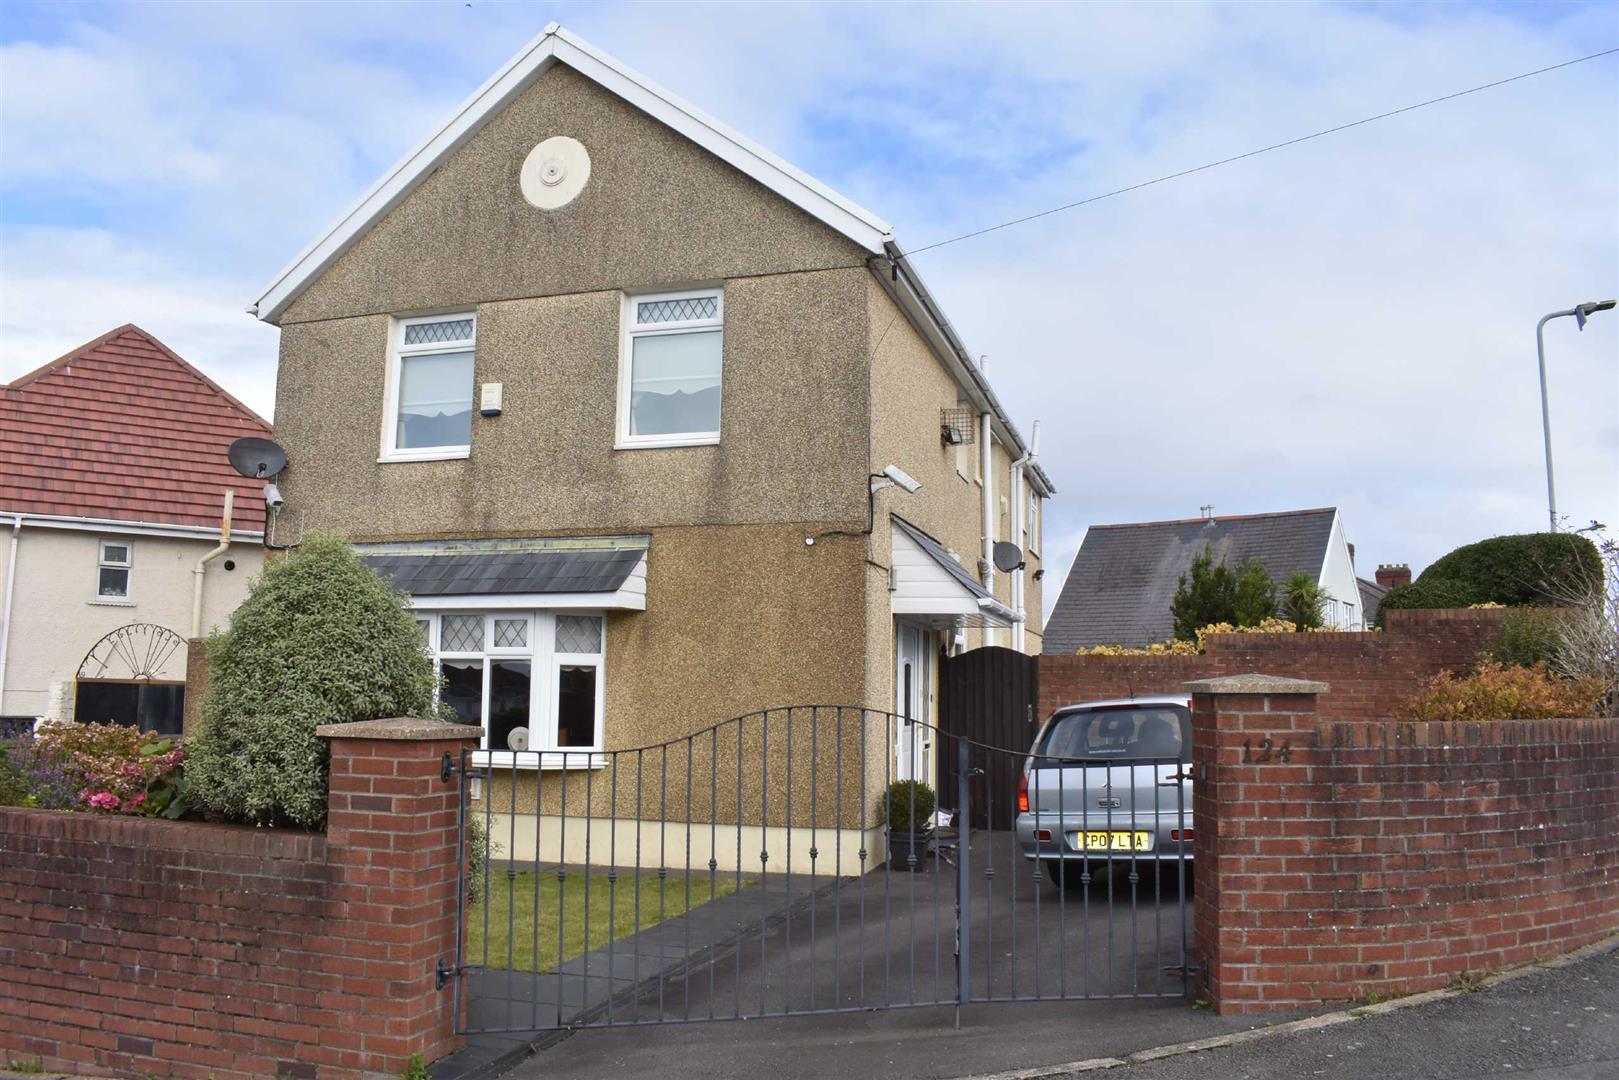 Graiglwyd Road, Cockett, Swansea, SA2 0XA